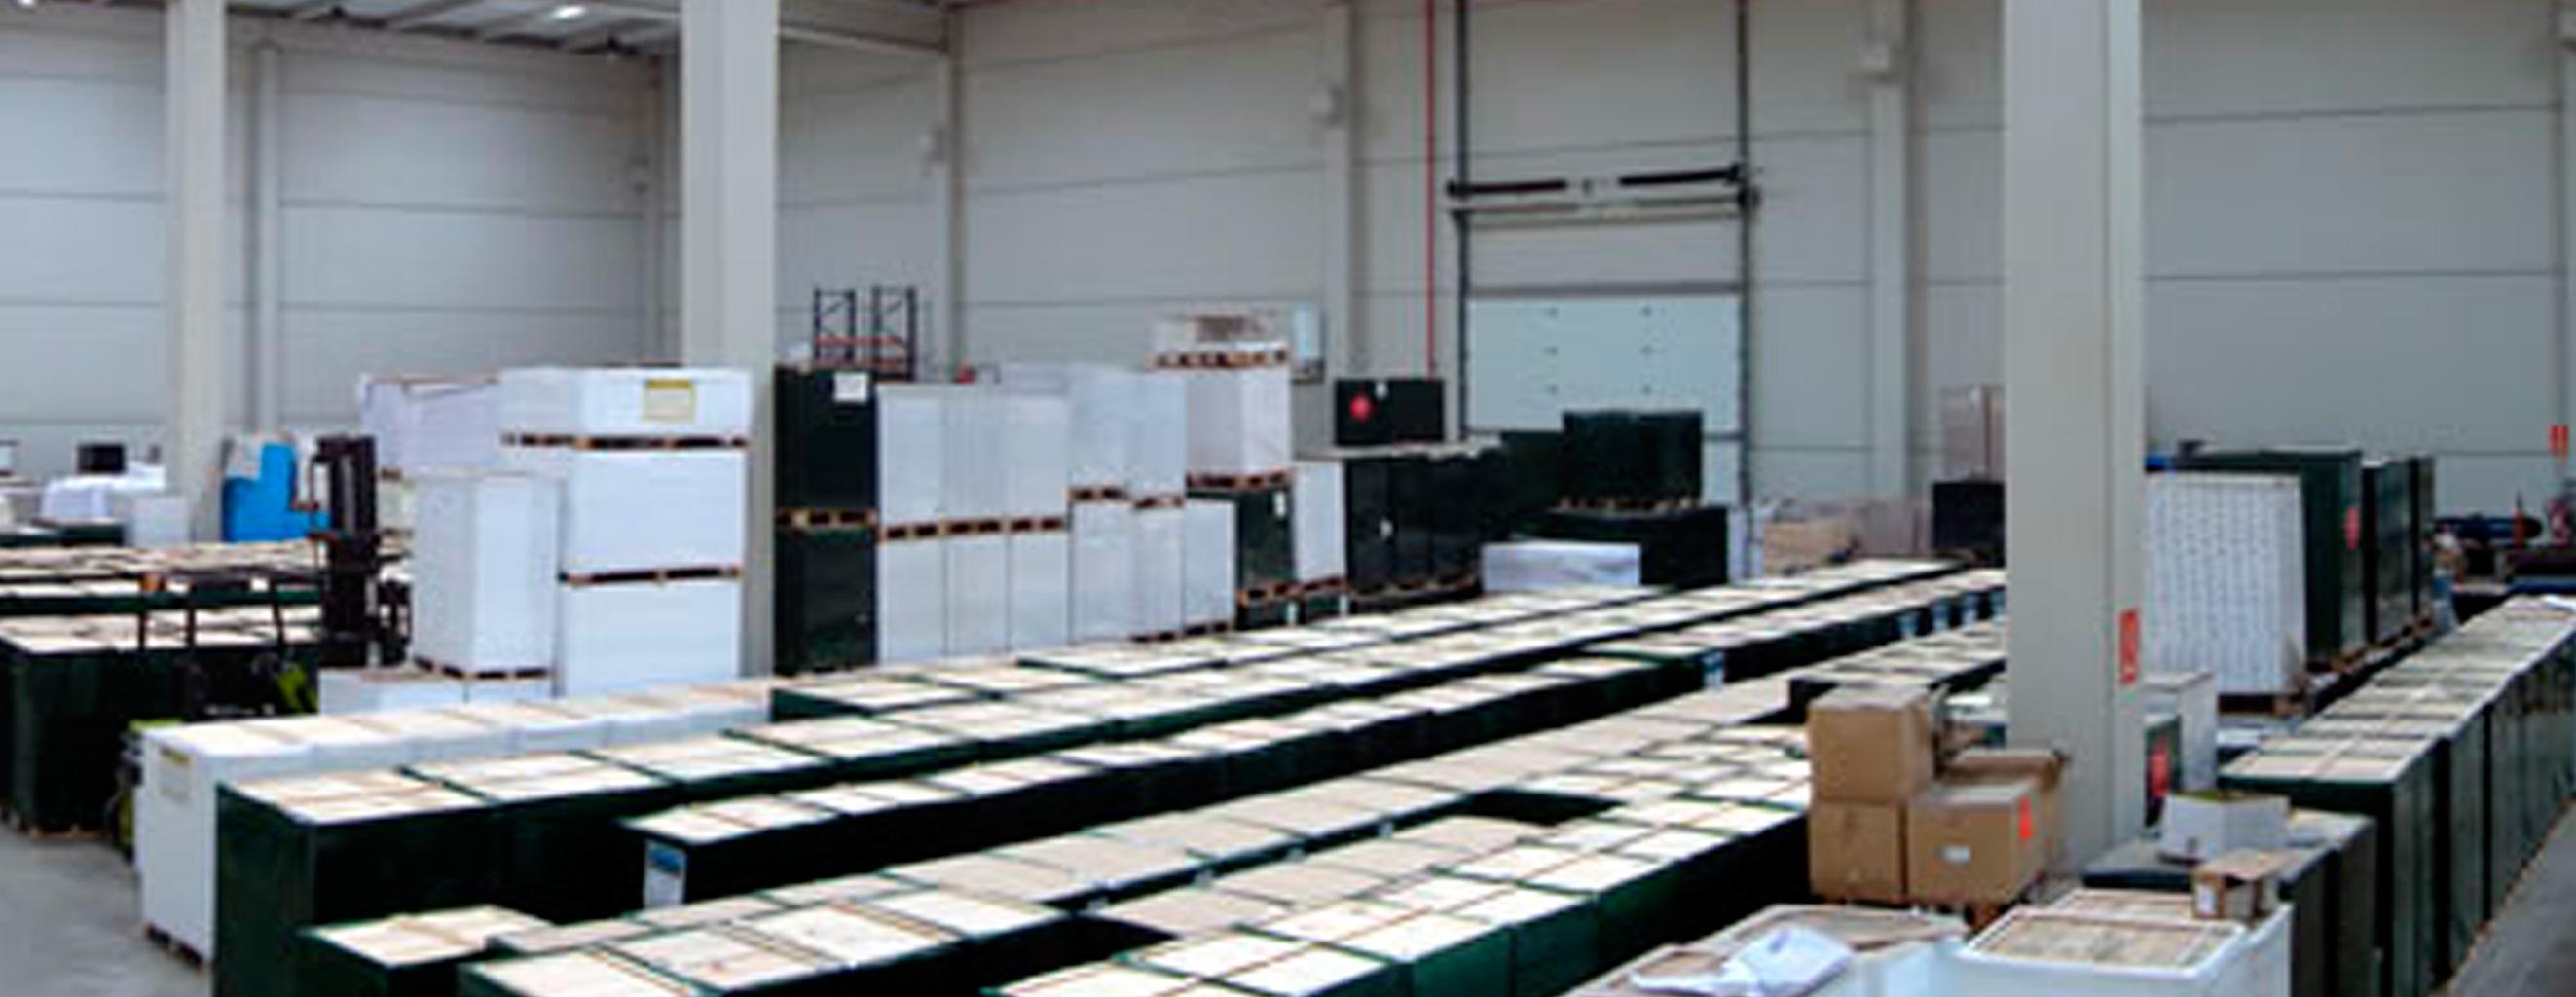 instalaciones de papel y cartón reciclado